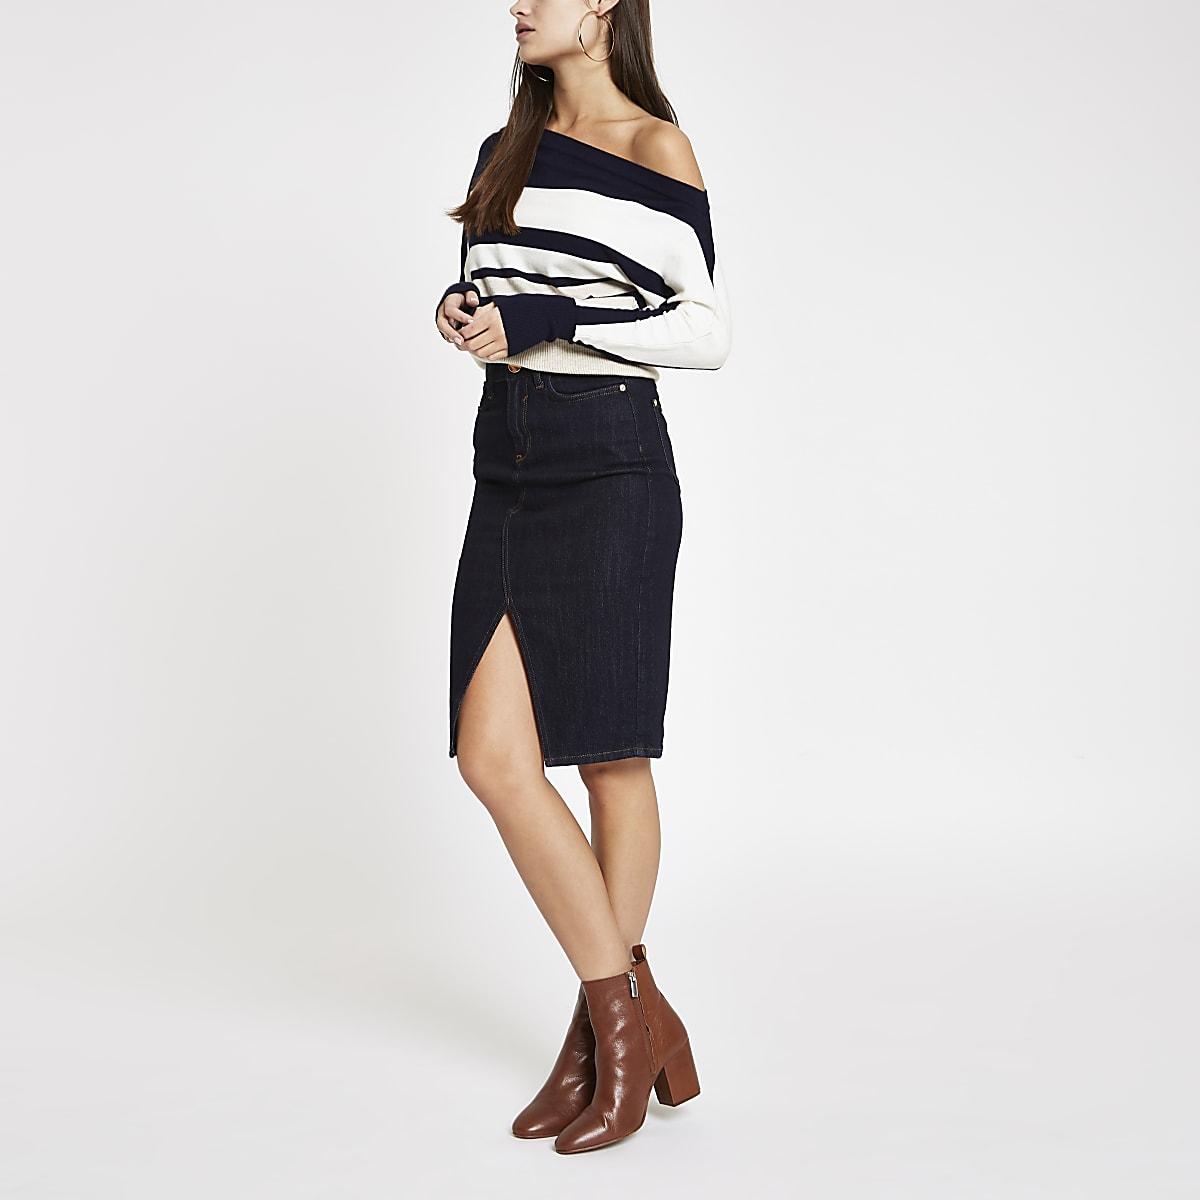 Beiger, asymmetrischer Pullover mit Streifen